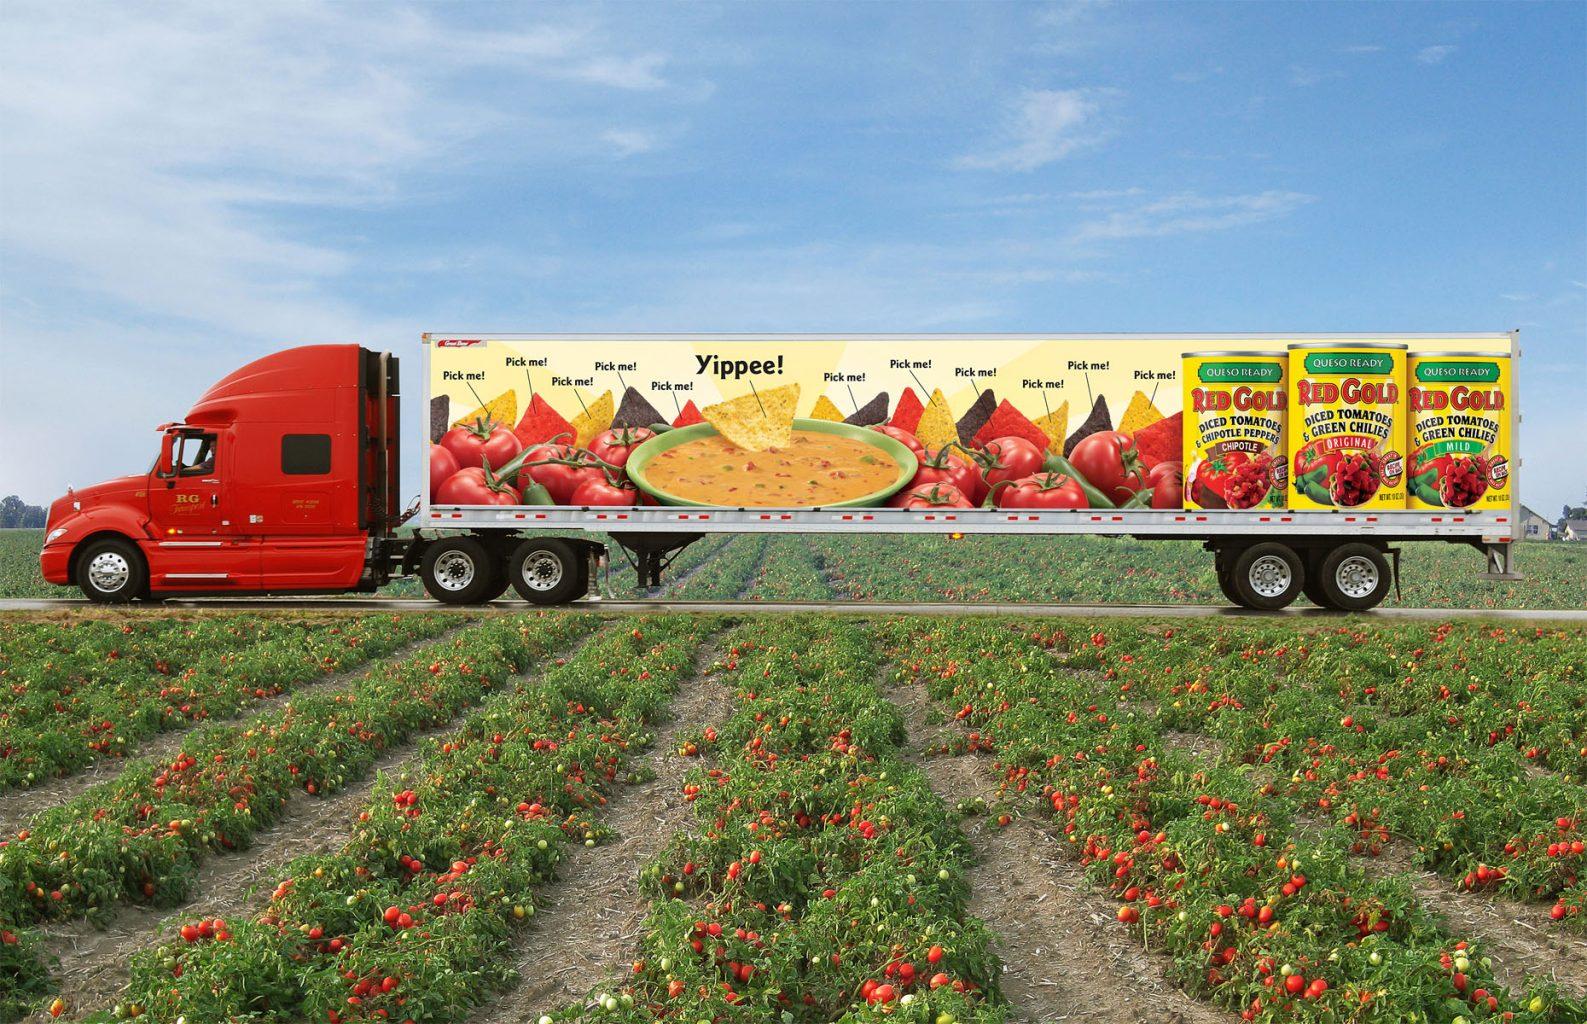 цветочно-альдегидная композиция картинки машина с овощами вам всей